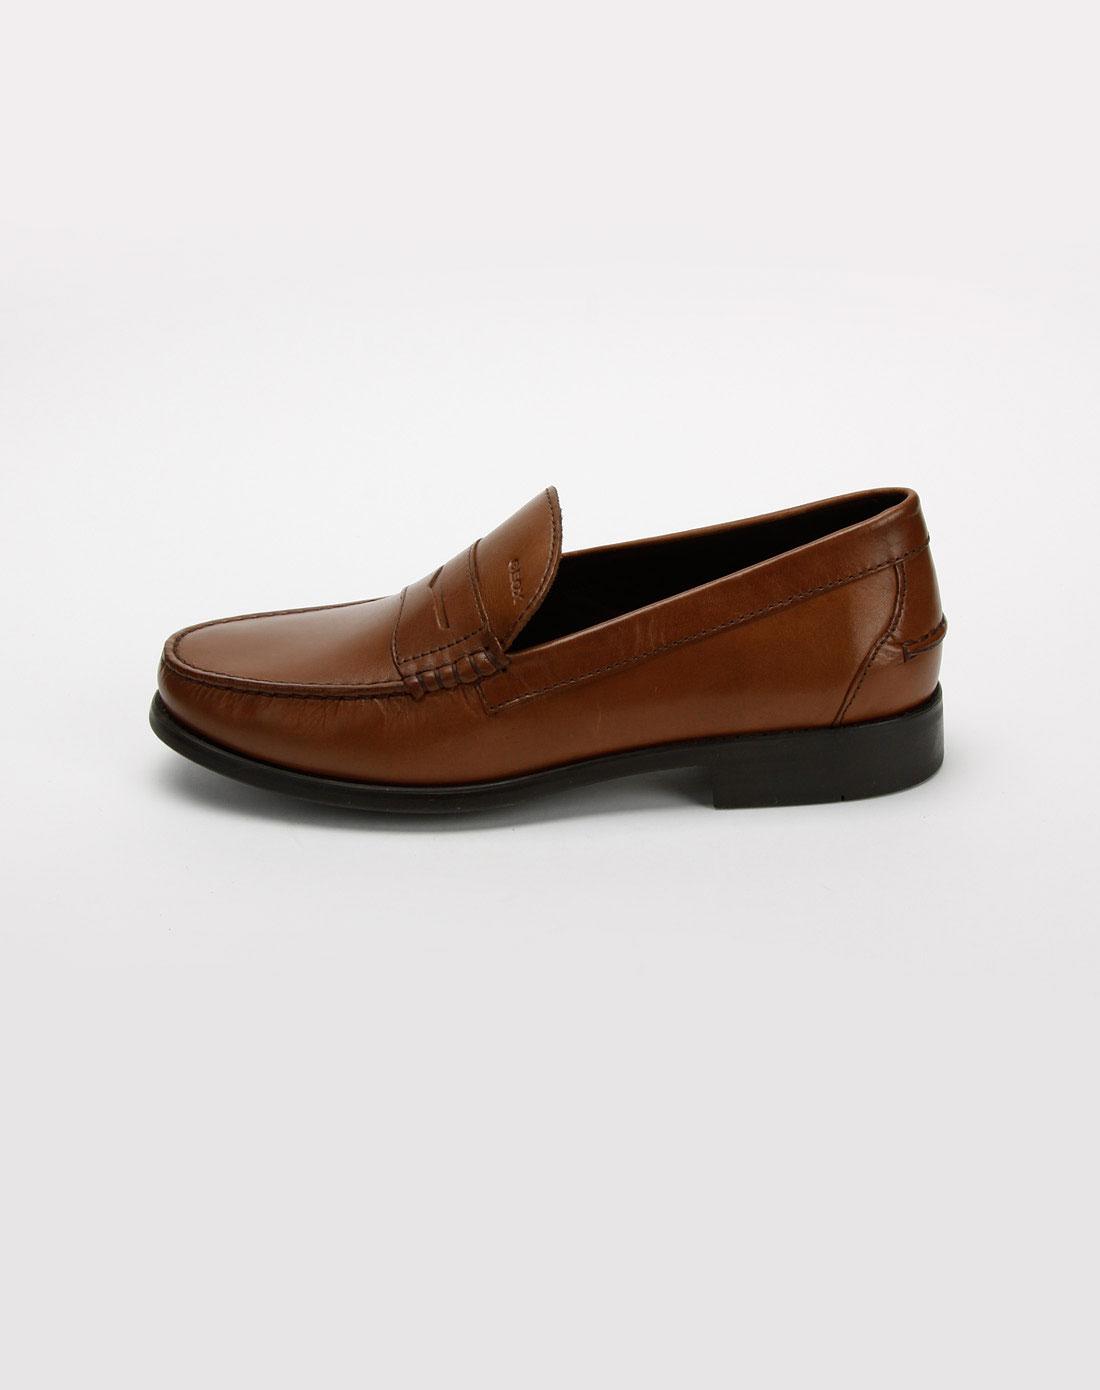 健乐士geox男款浅啡色牛皮商务休闲皮鞋